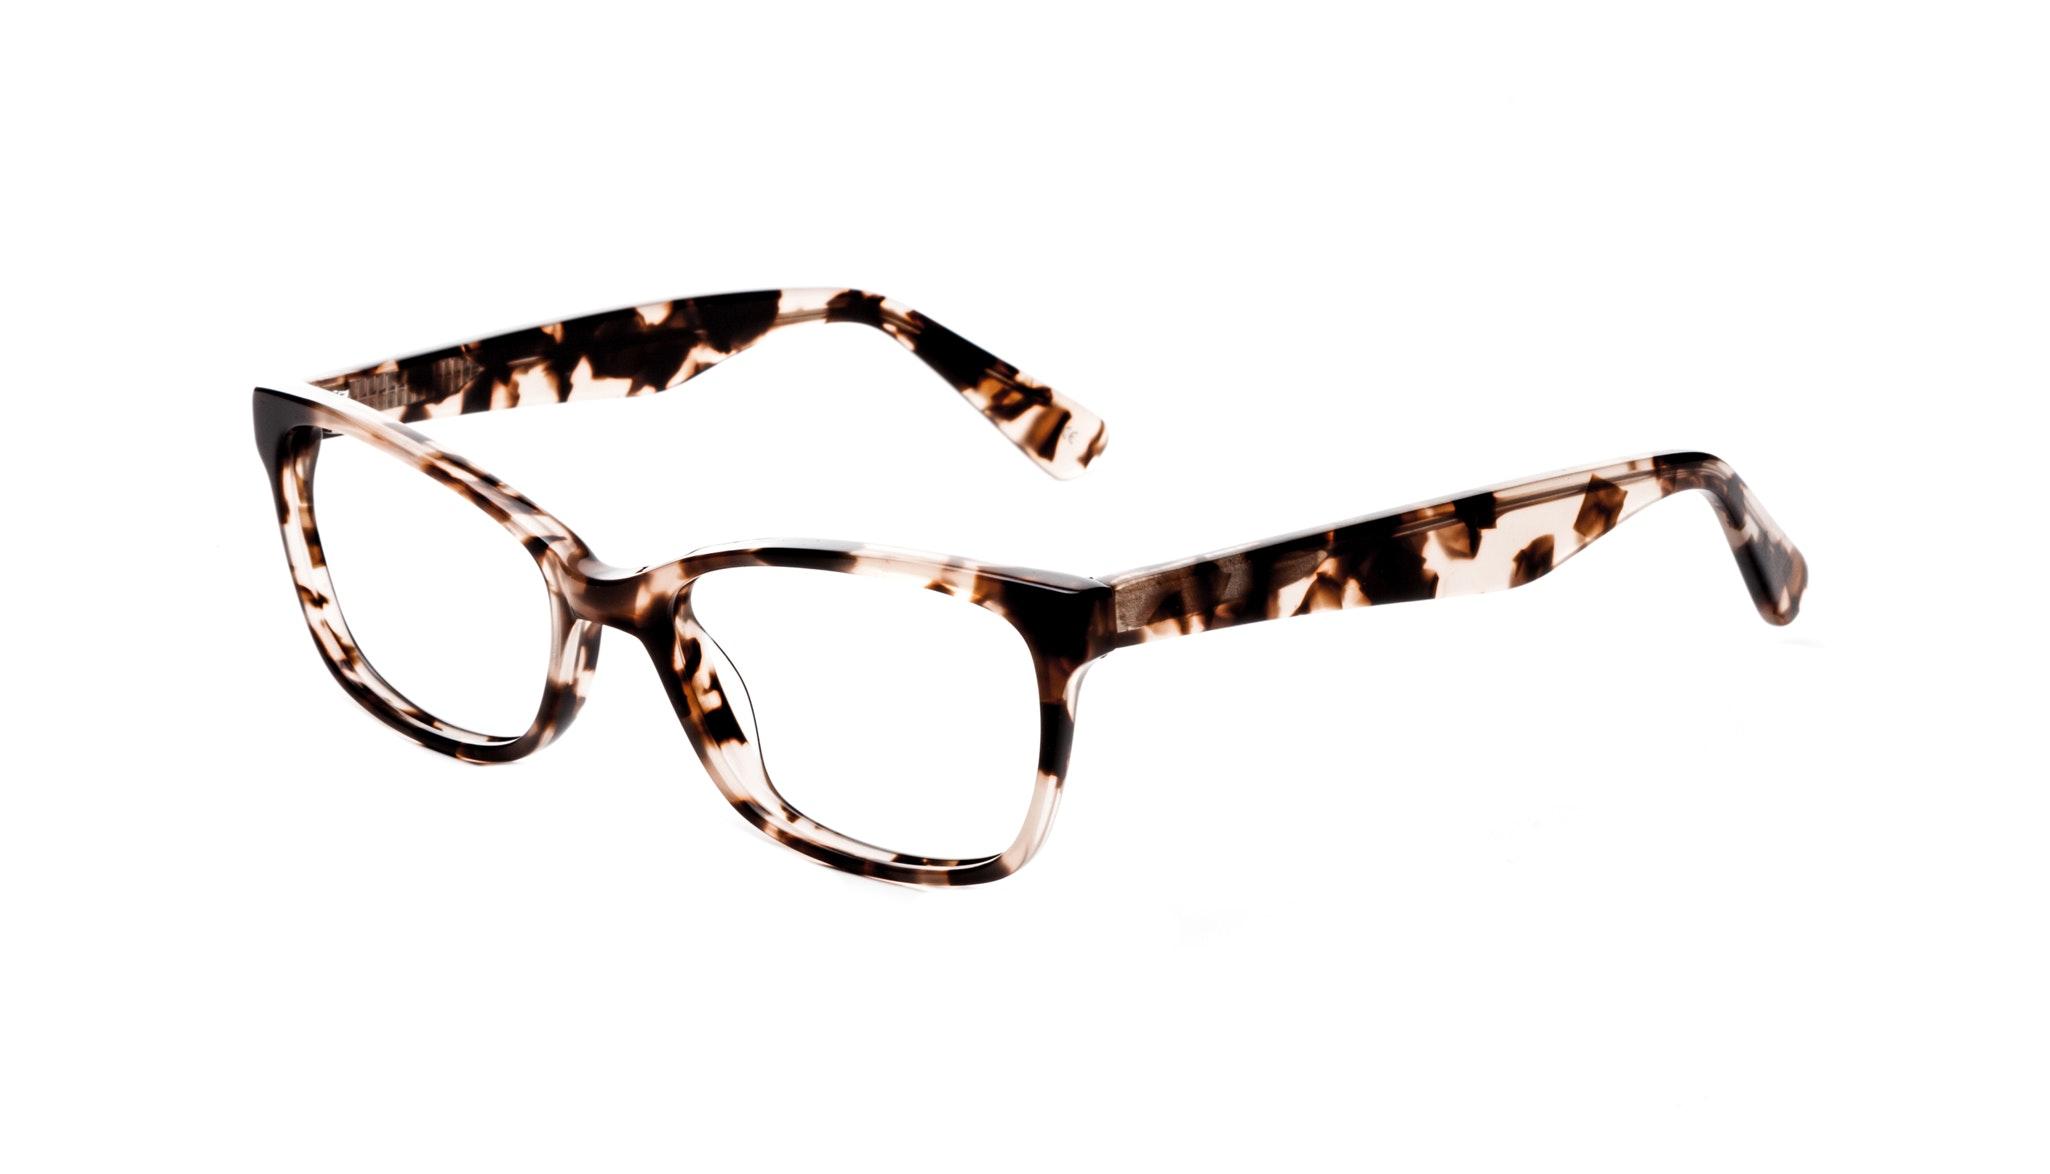 Lunettes tendance Oeil de chat Rectangle Carrée Lunettes de vue Femmes Comet Pink Tortoise Incliné